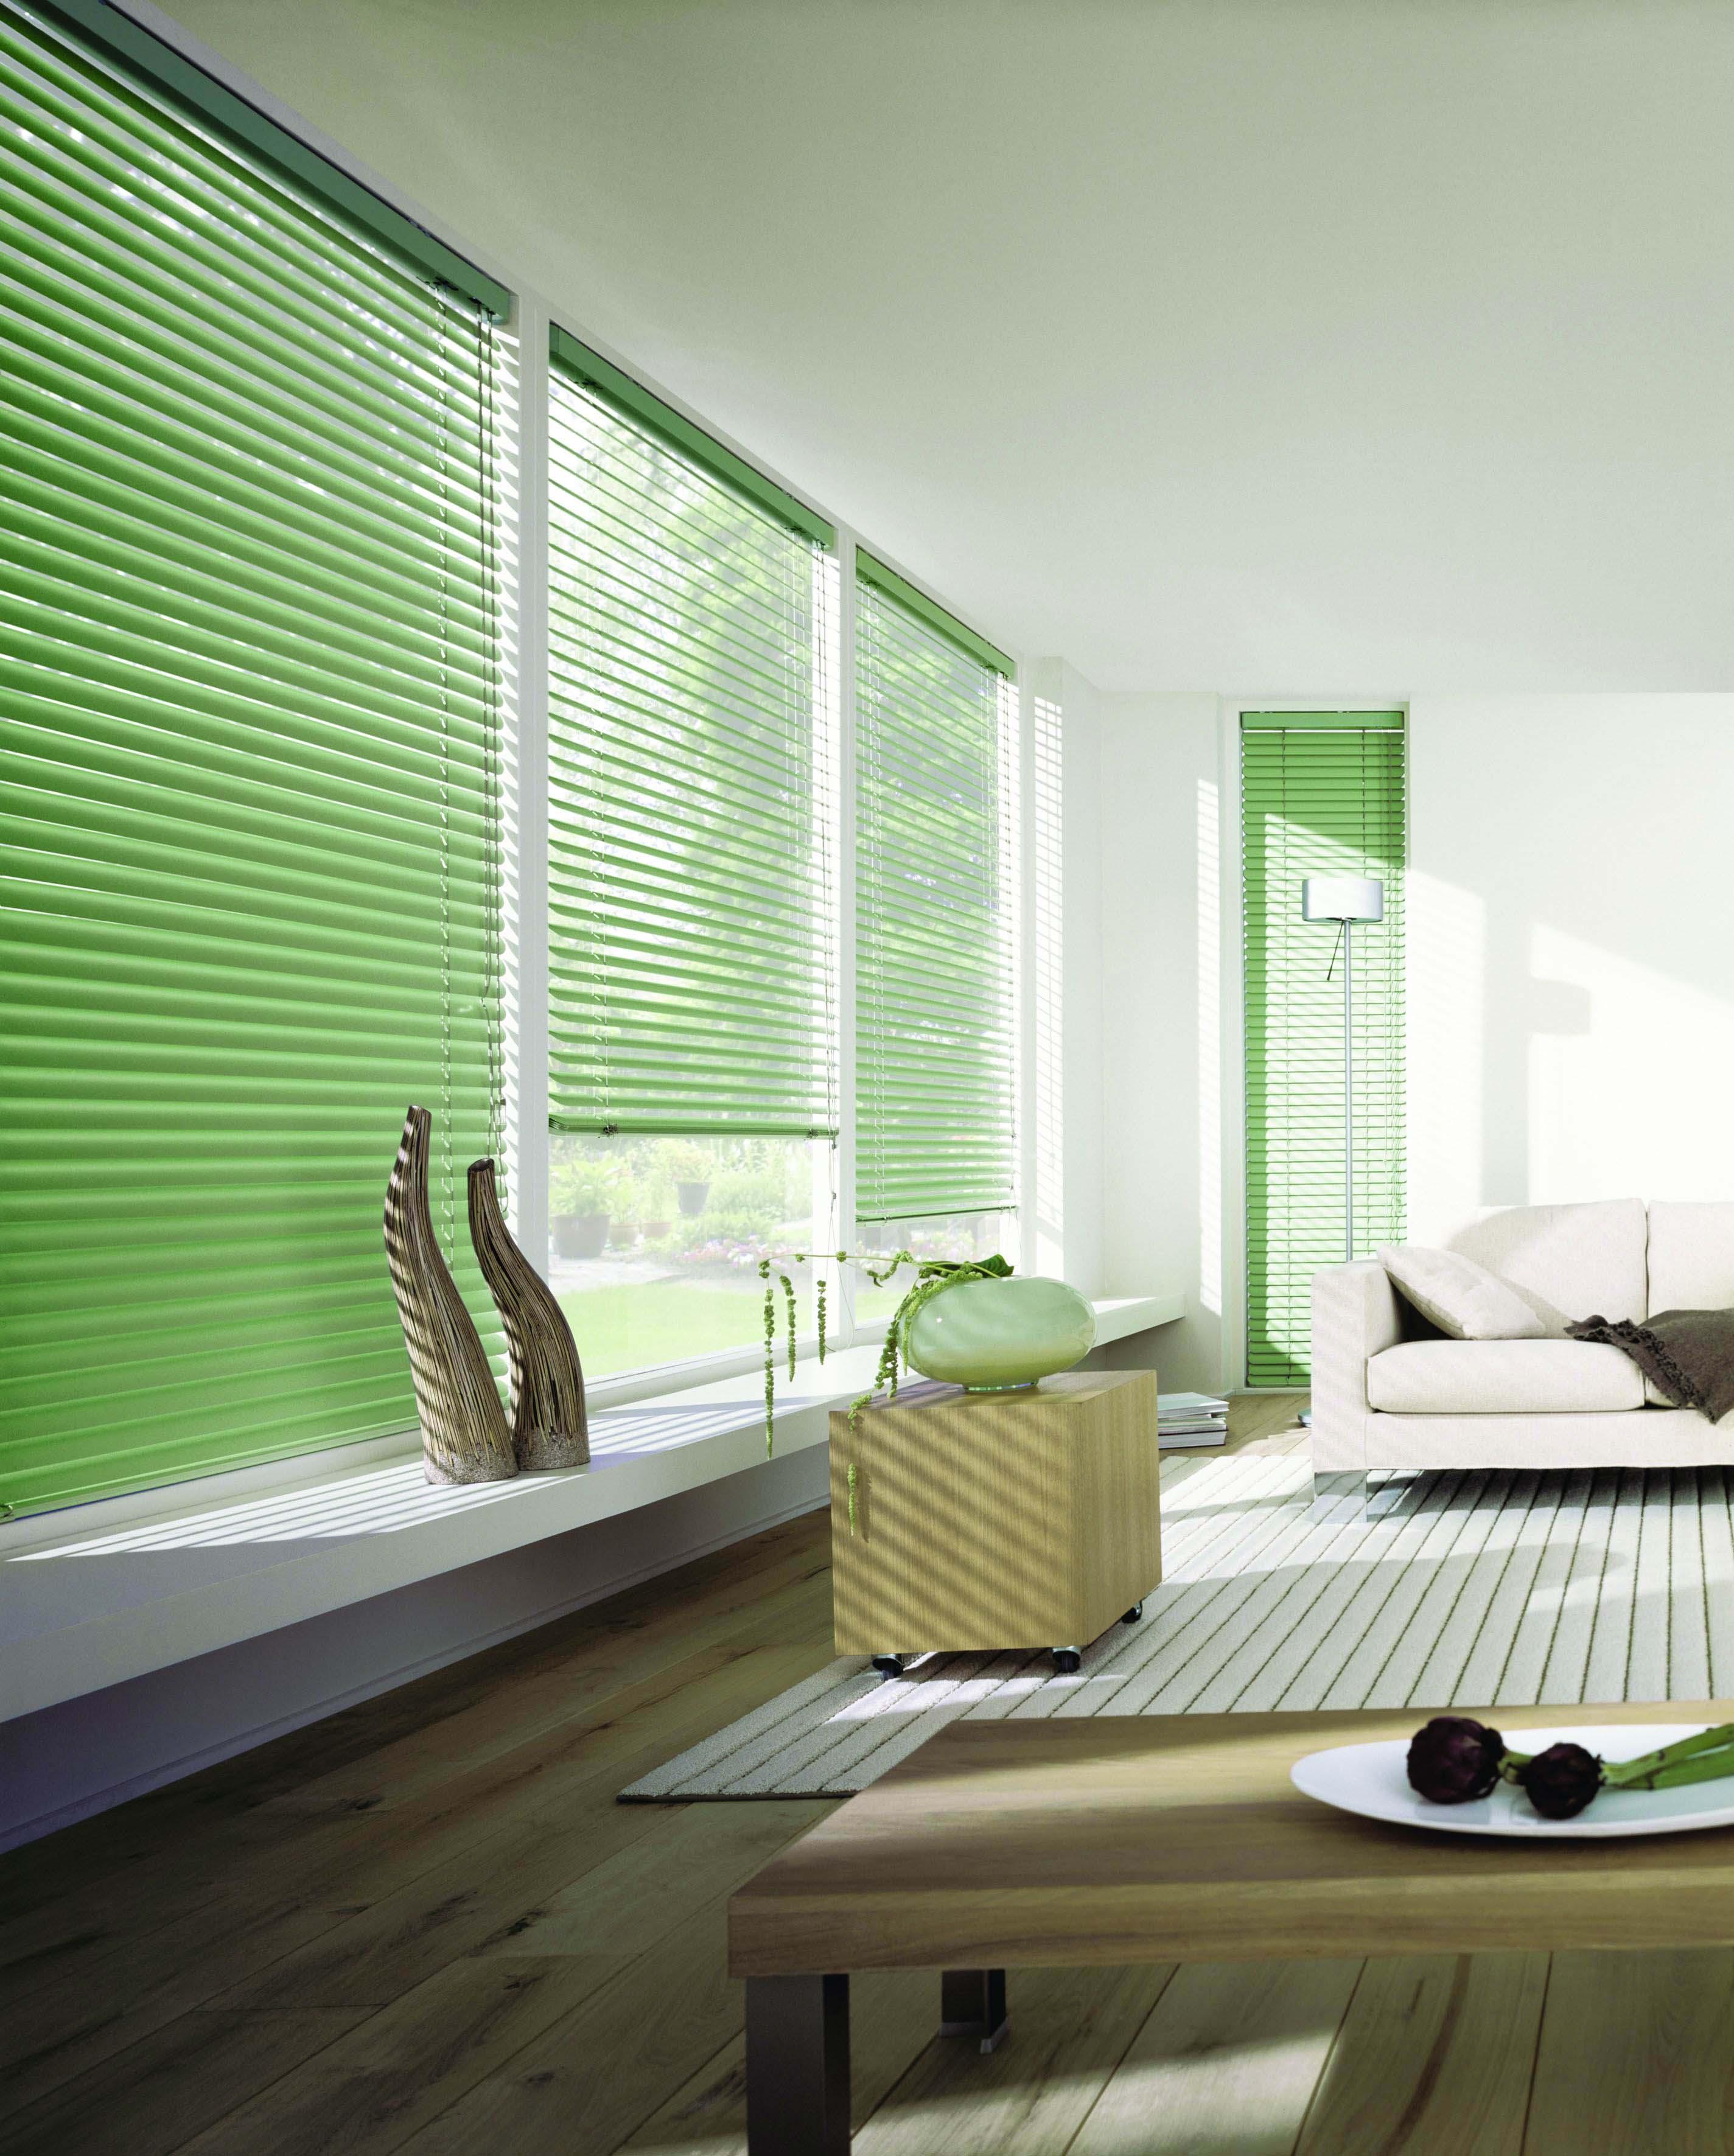 Green aluminium Venetian blinds